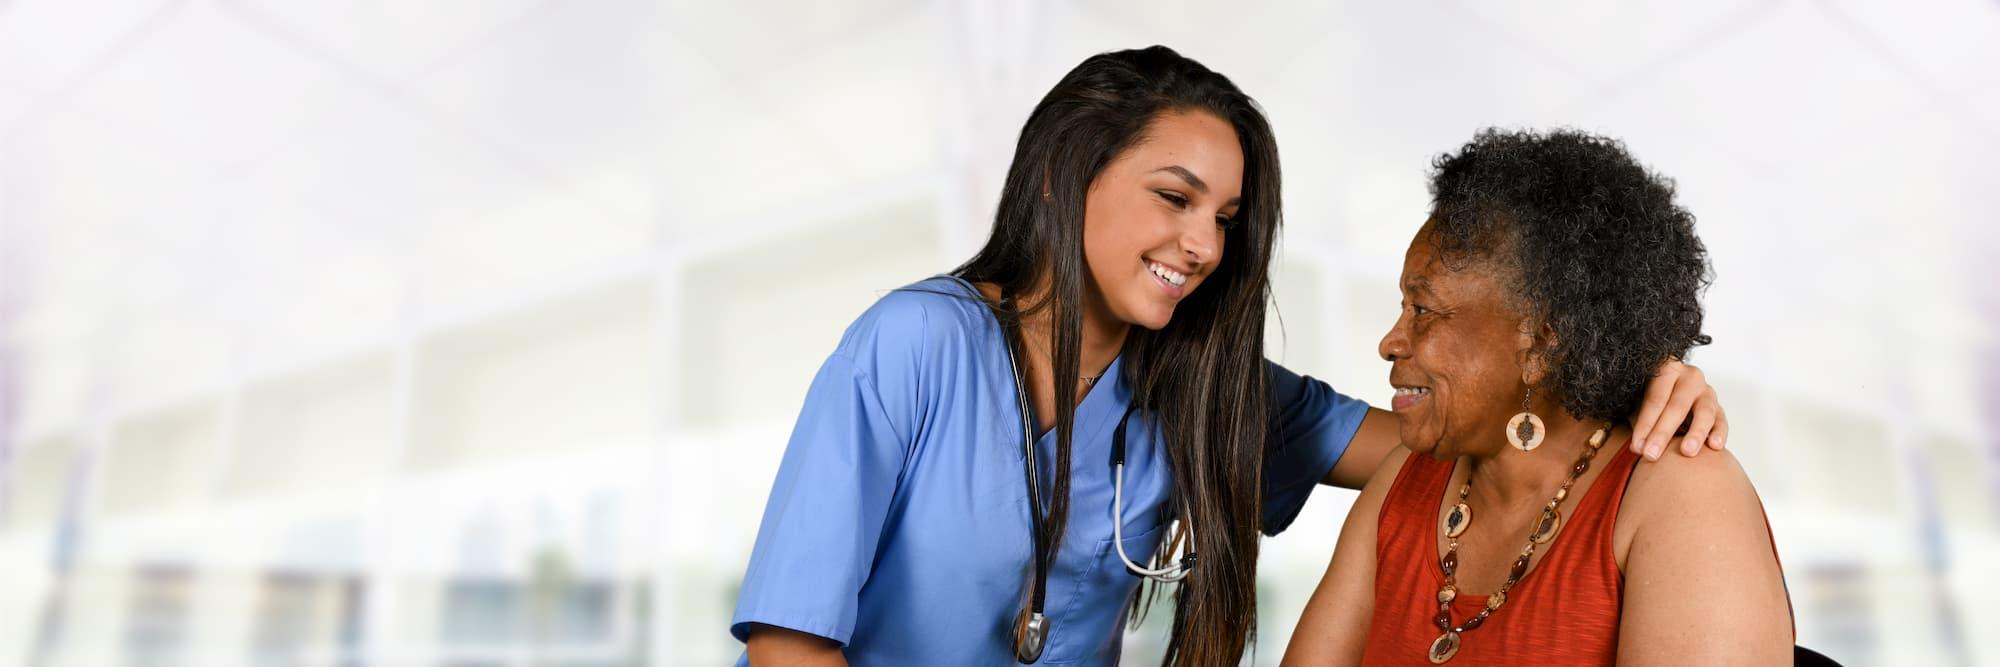 Nurse in scrubs putting her arm around an elderly woman.